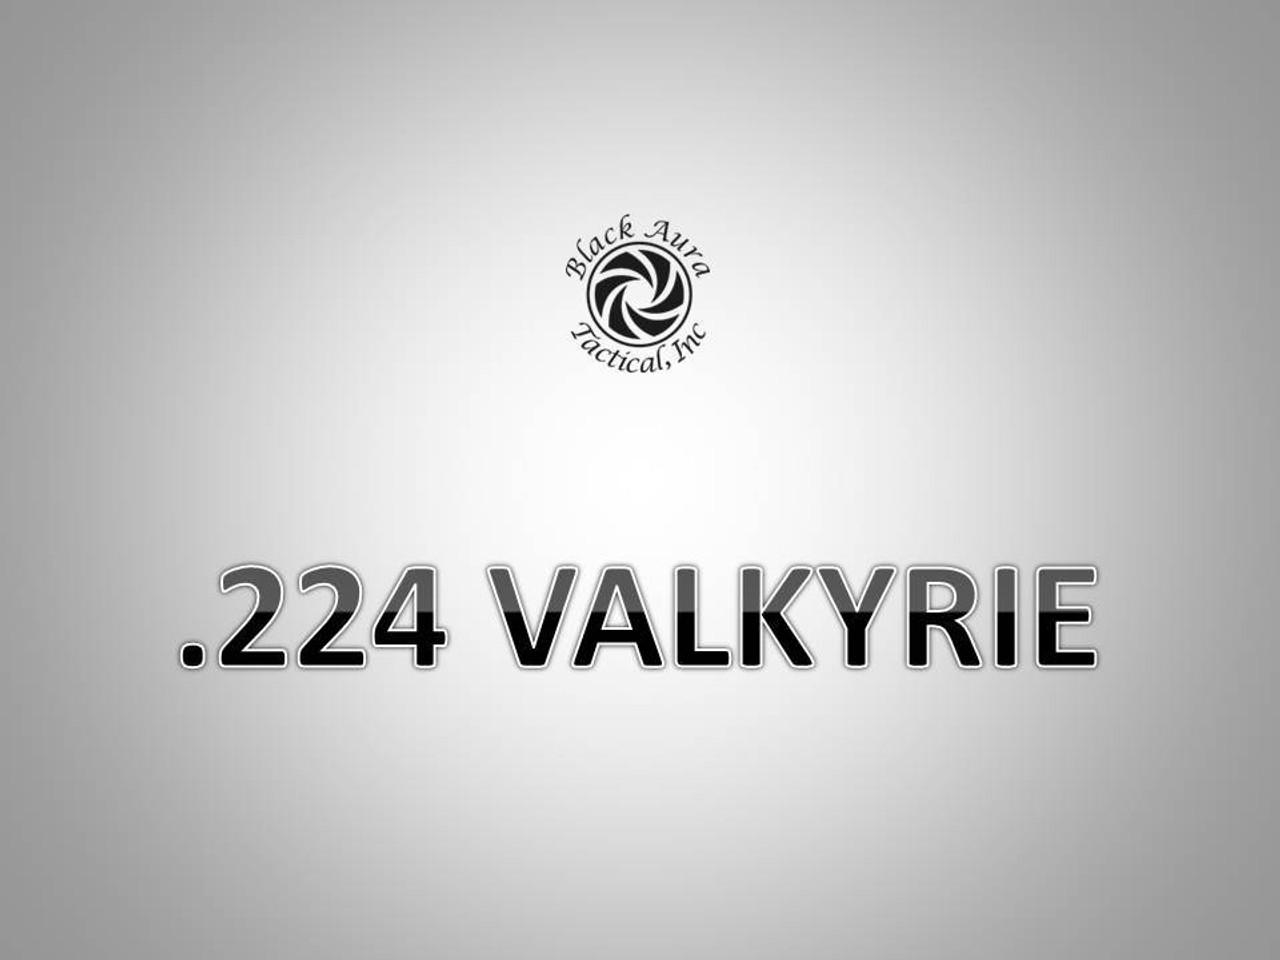 .224 Valkyrie